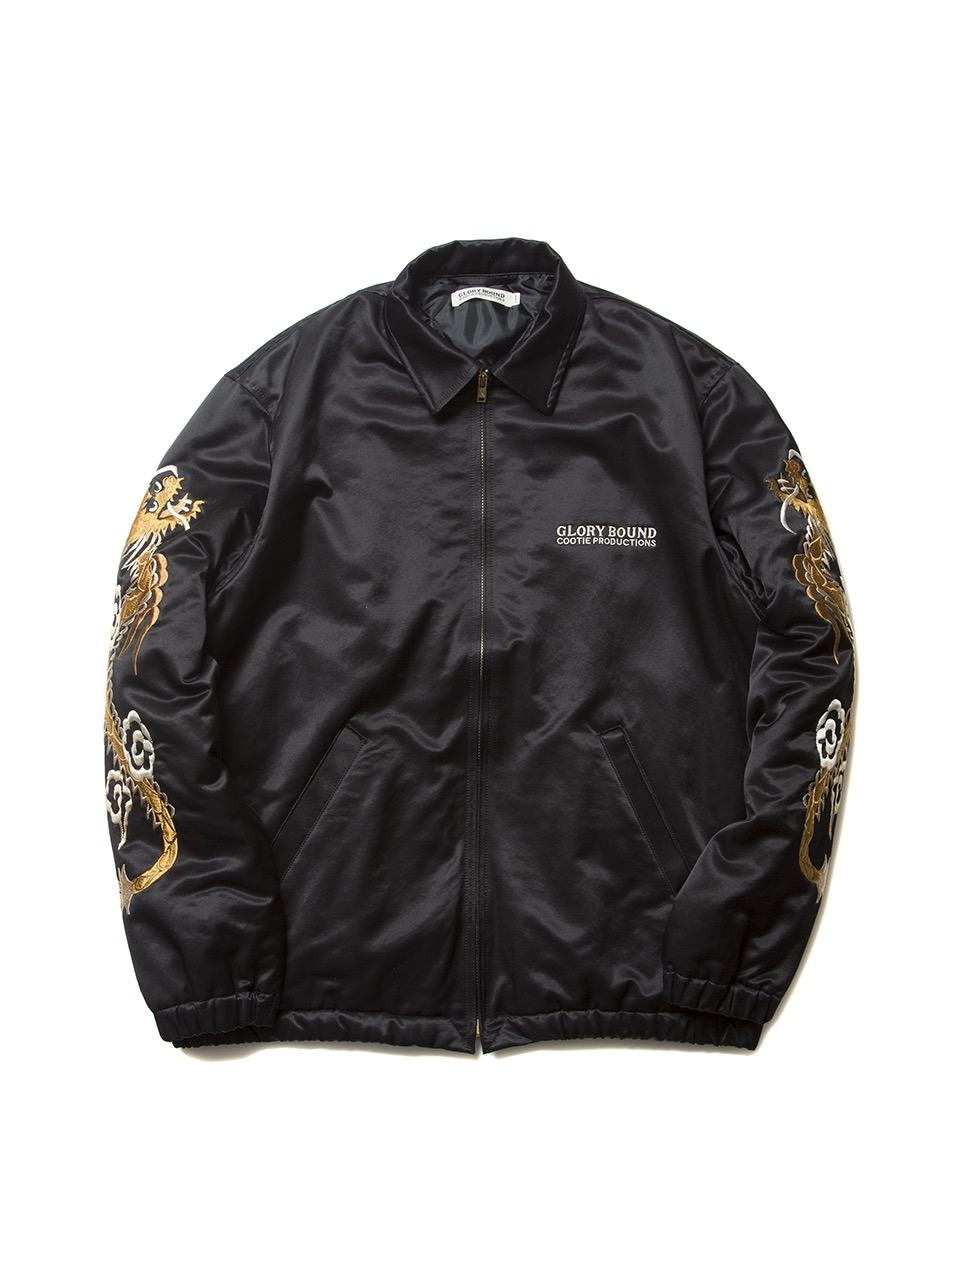 COOTIE Souvenir Jacket